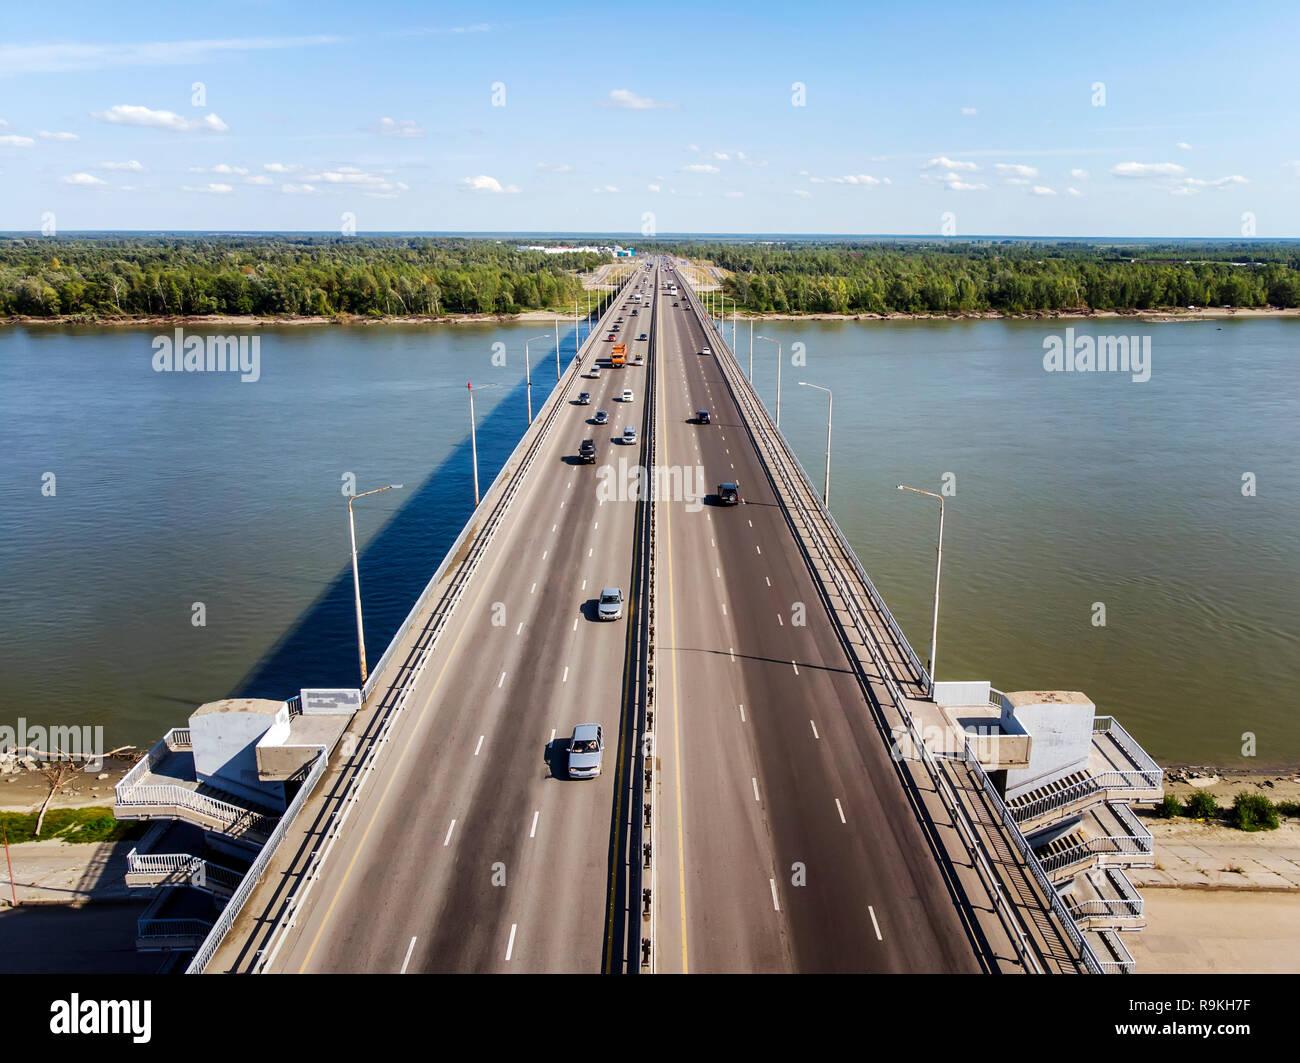 Vista la ben costruite città ponte che attraversa il fiume. City River cancelli. Trasportation attraverso il fiume alla foresta e orizzonte sfondo. Vehicula Immagini Stock